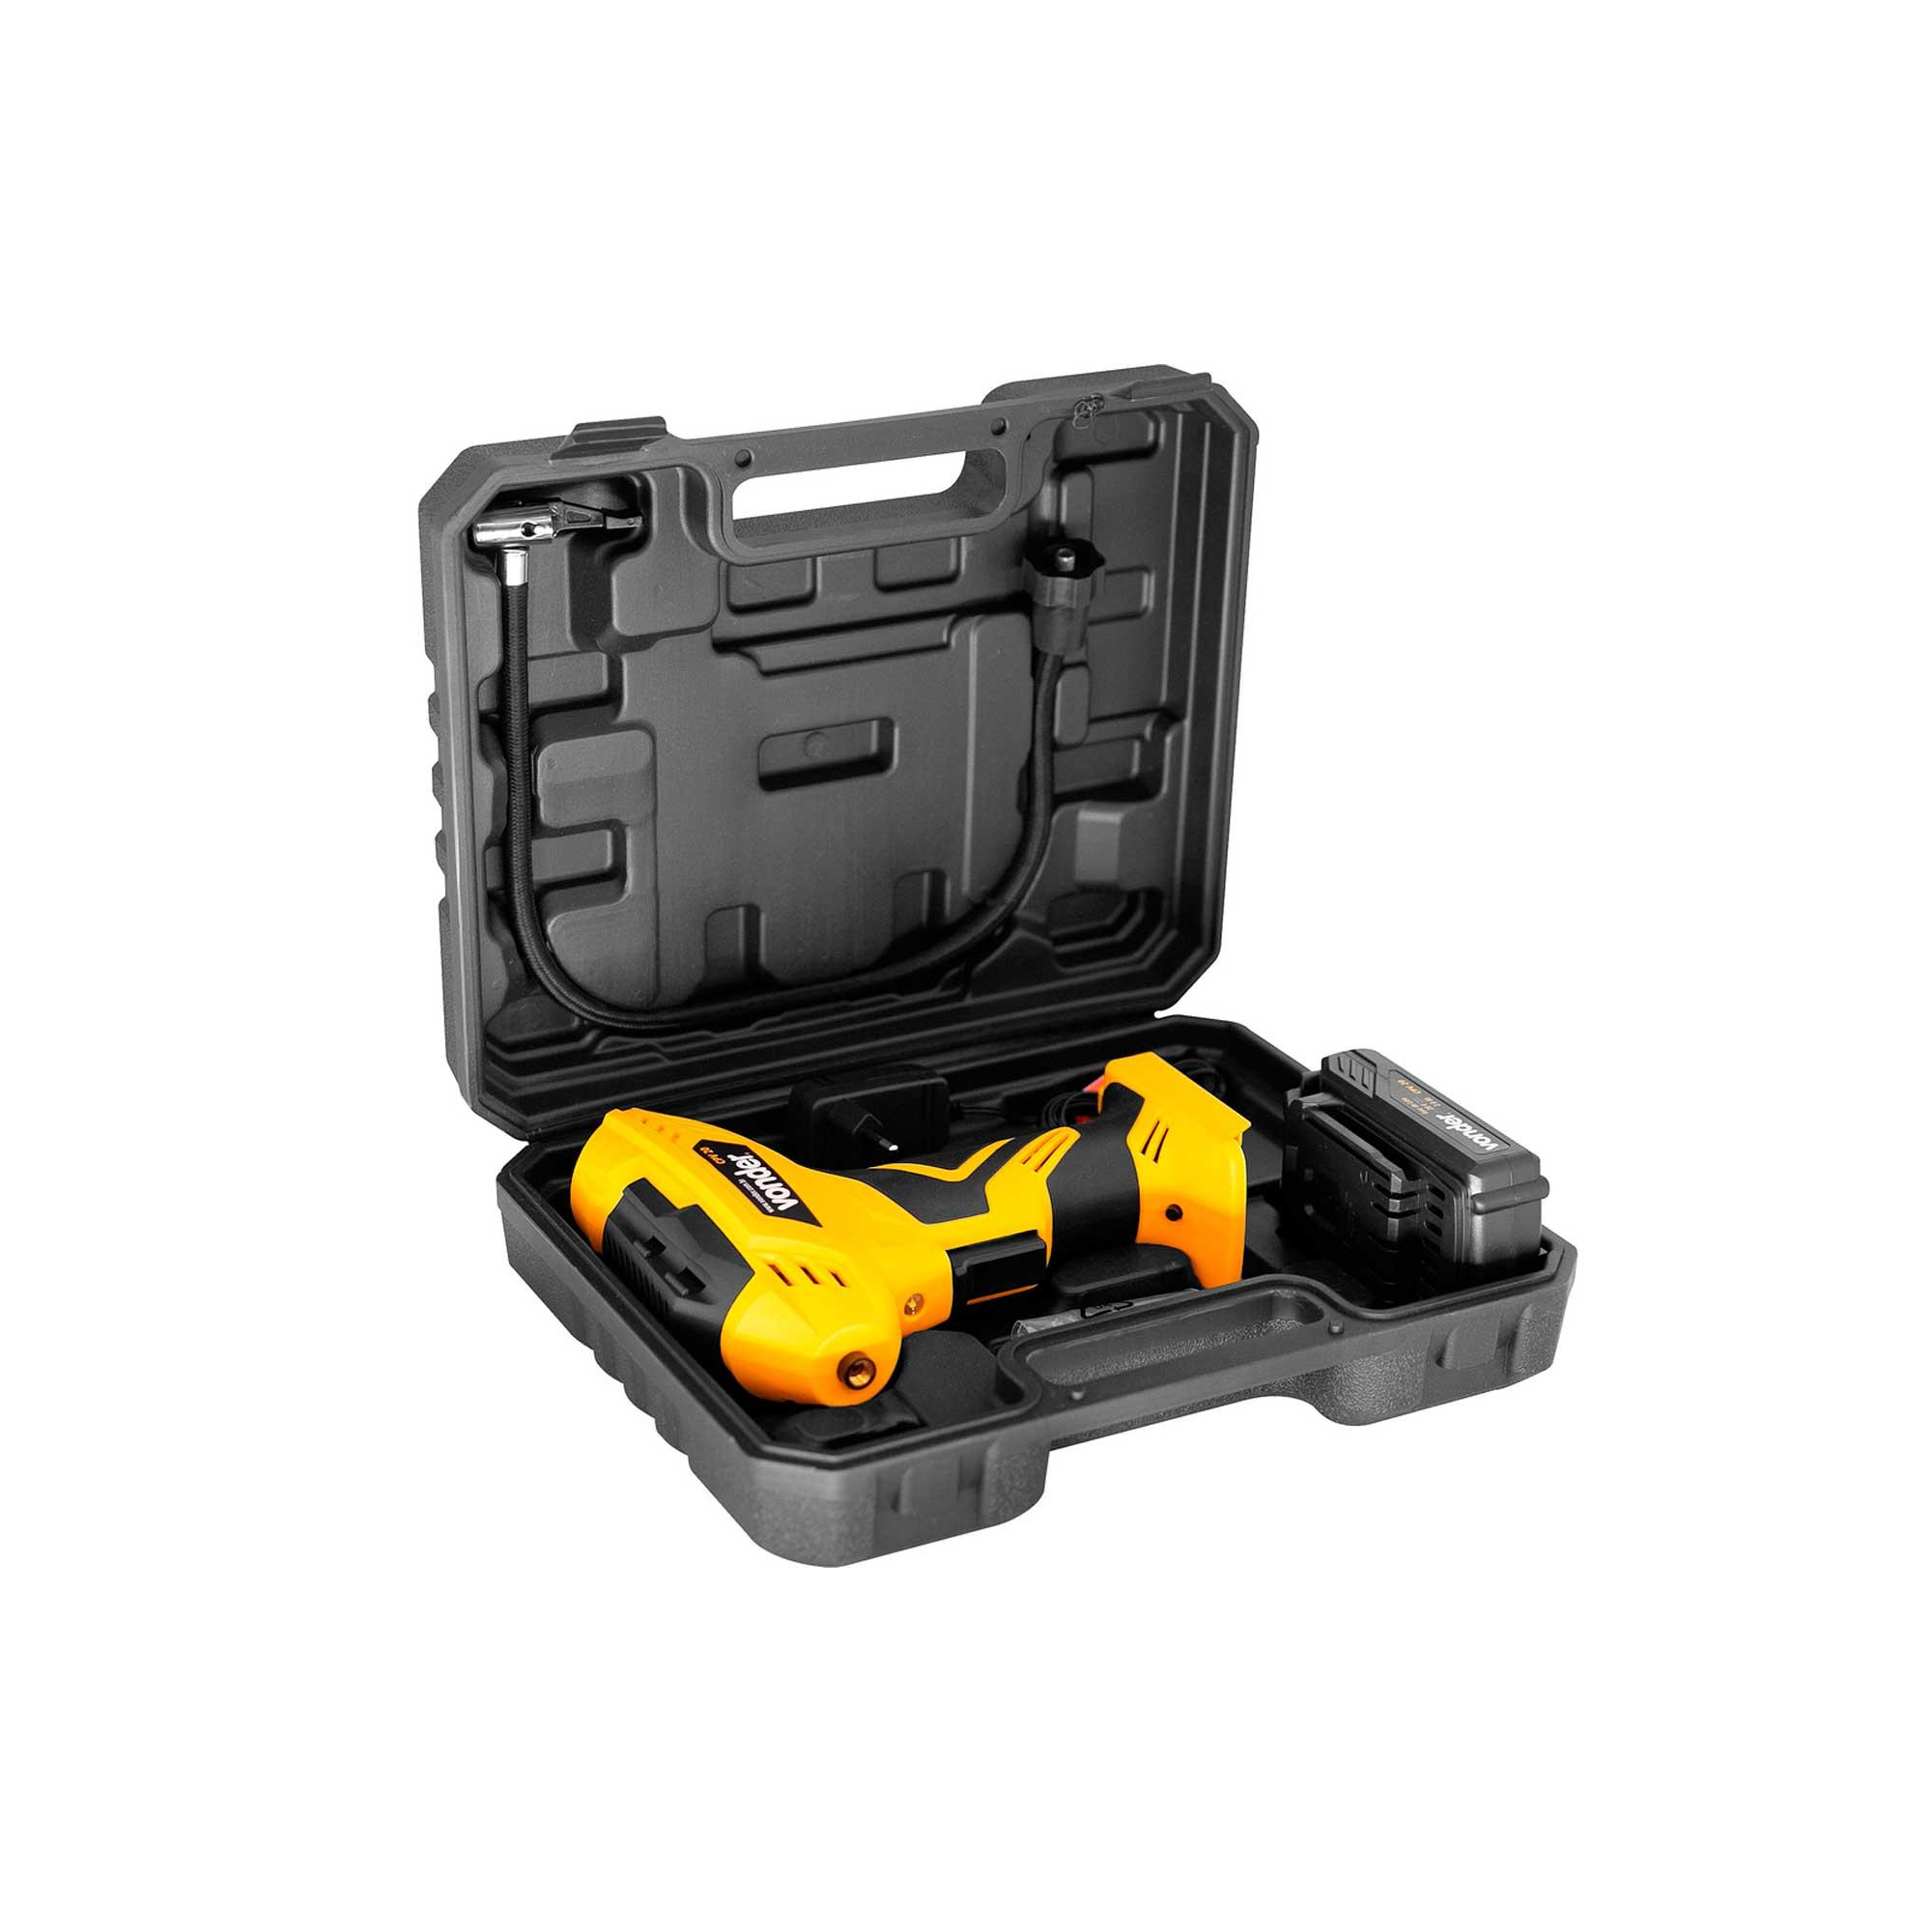 Compressor de Ar Portátil  Bateria 20 V Tipo Pistola Vonder